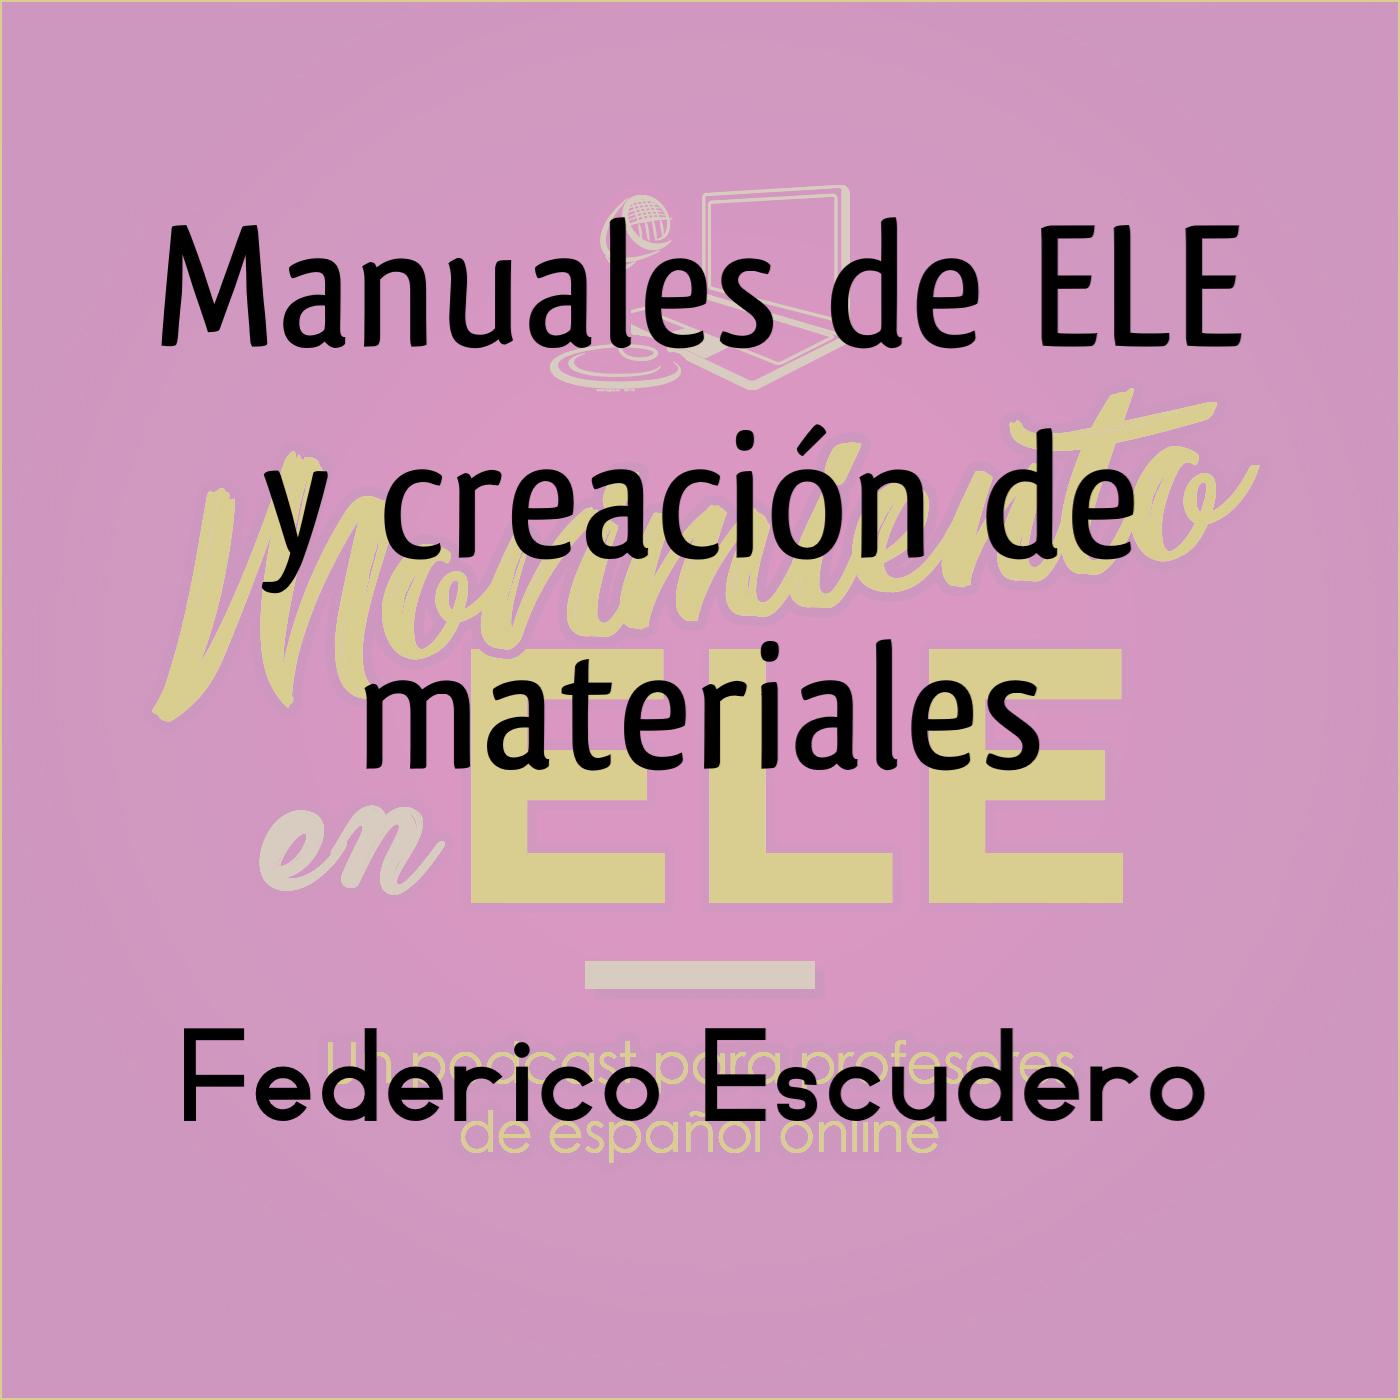 Manuales de ELE y creación de materiales – Entrevista a Federico Escudero